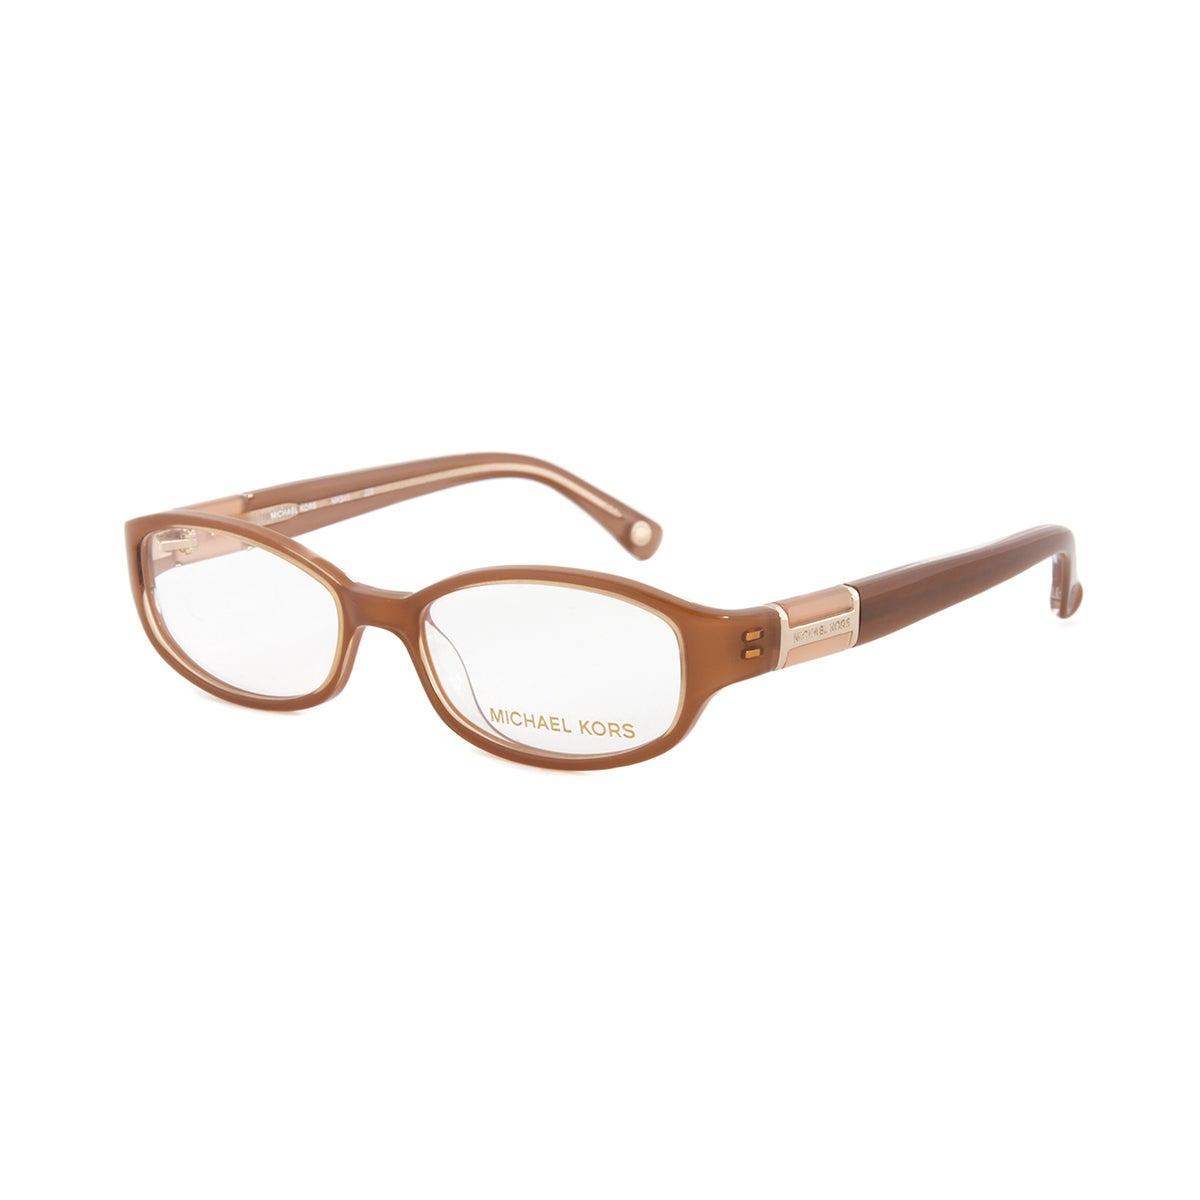 Glasses Frame Size 49 : Standard shipping details